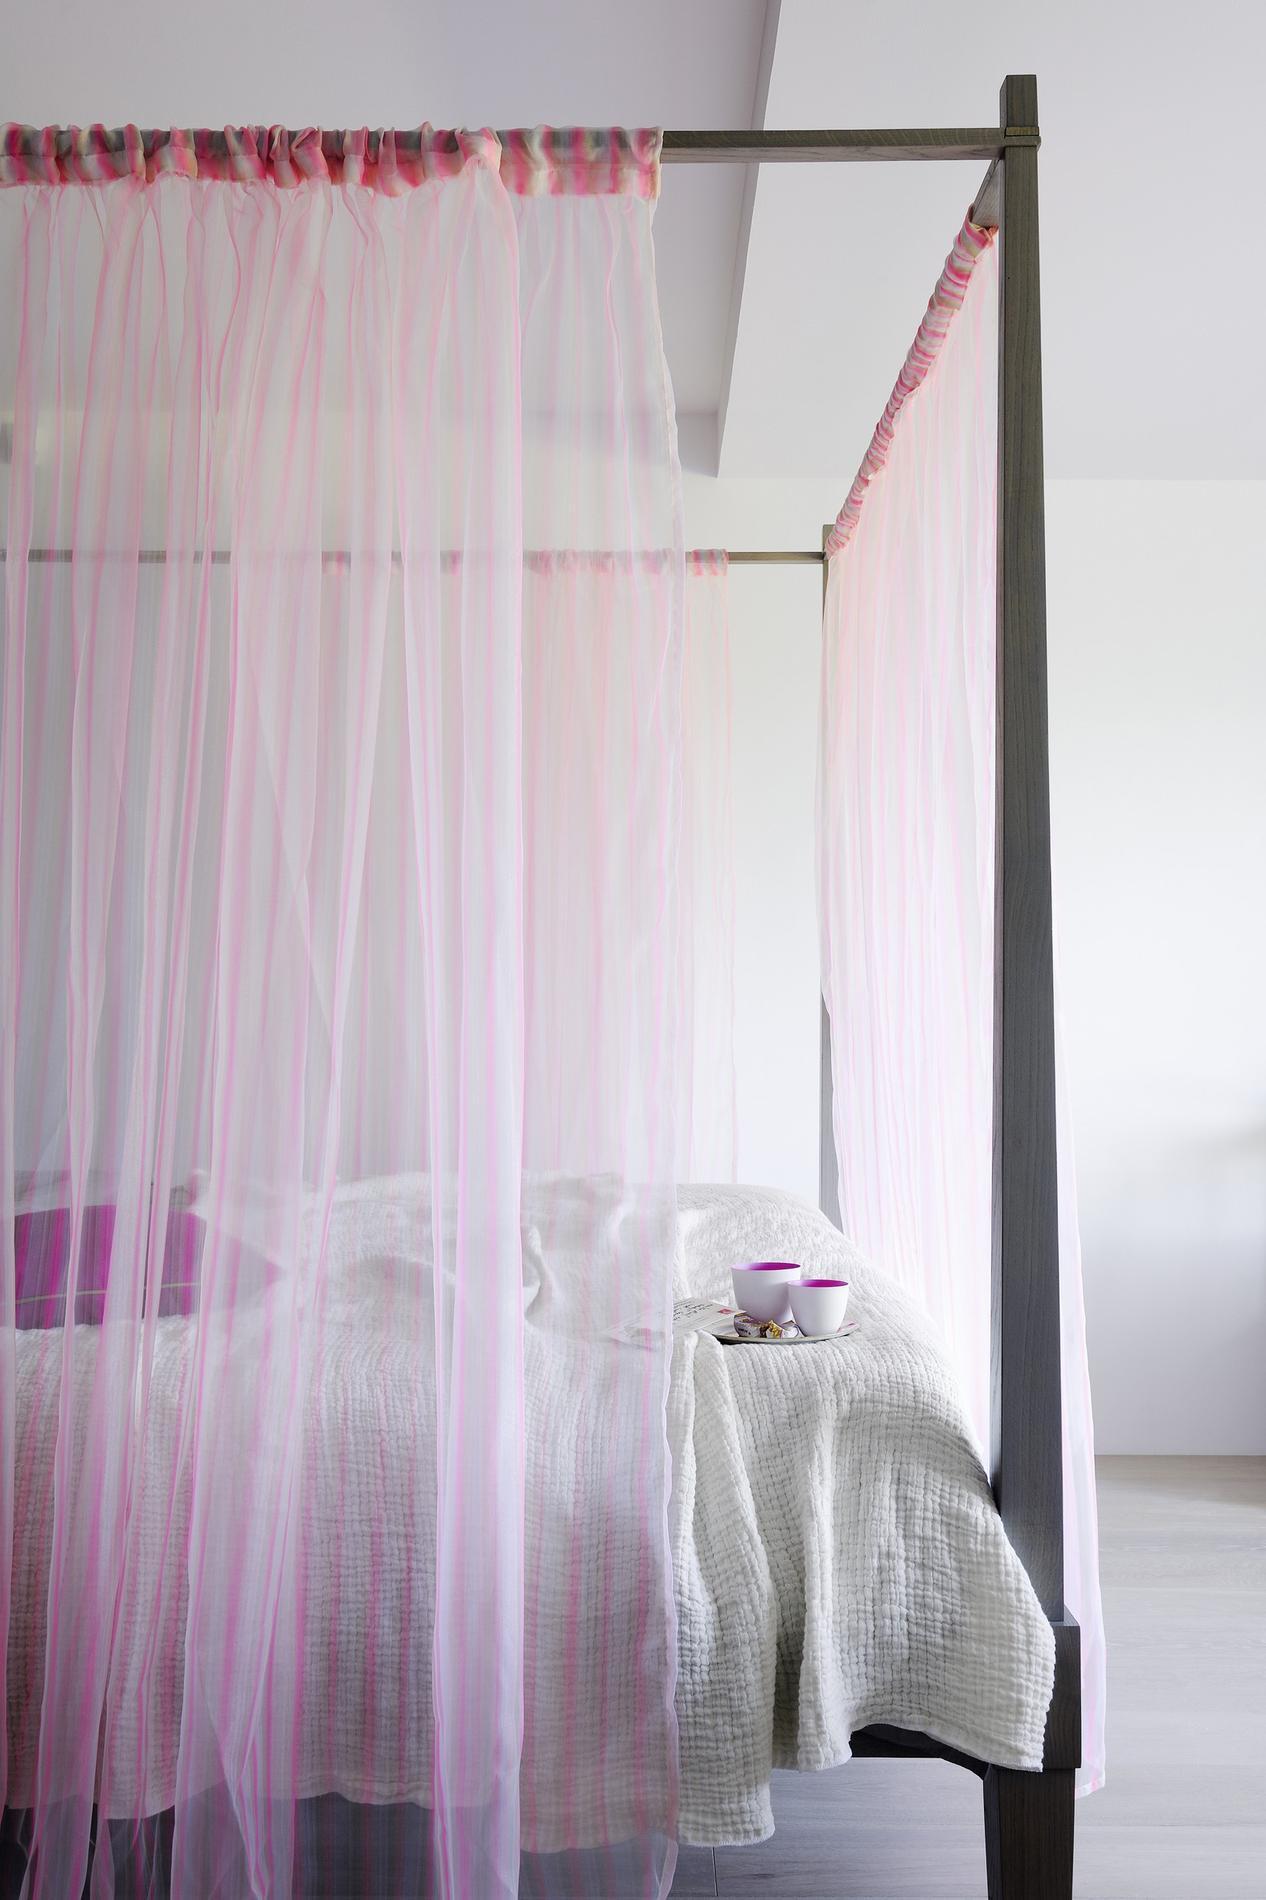 Bleu, blanc, gris : la couleur de votre chambre influence votre ...